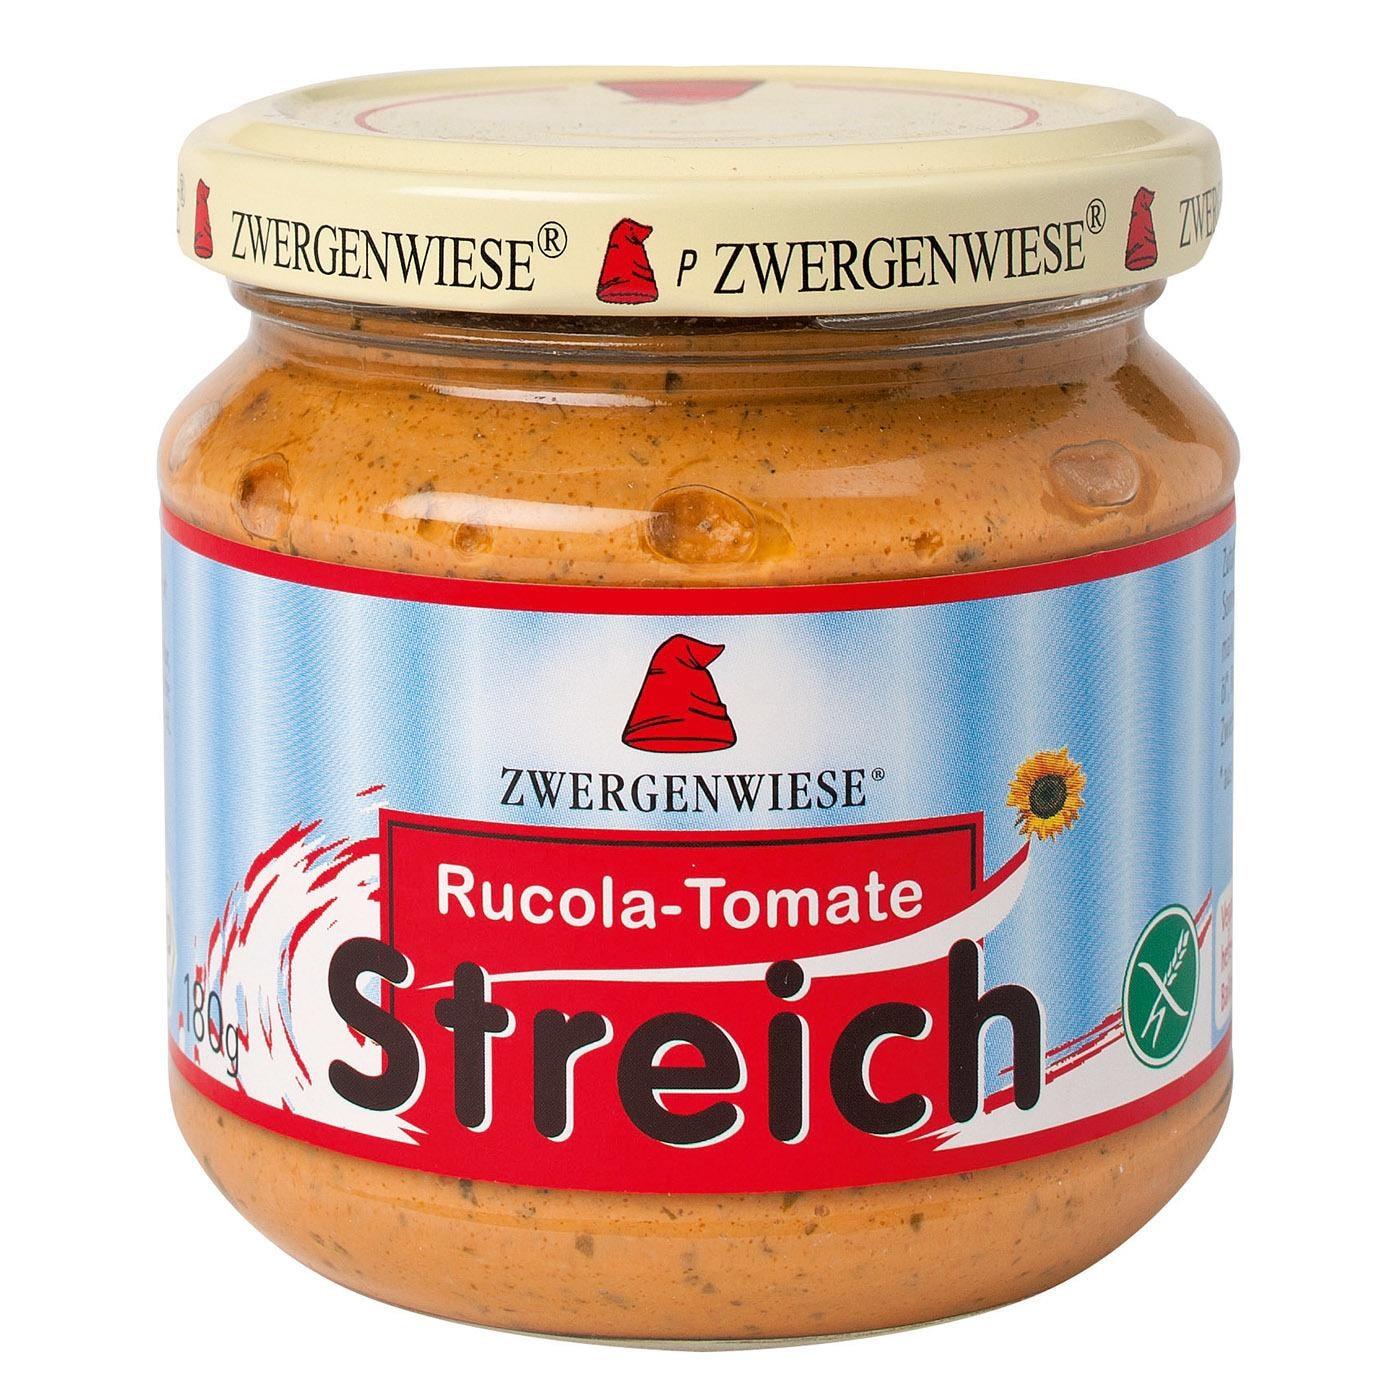 Zwergenwiese Bio Rucola Tomatestreich 180g